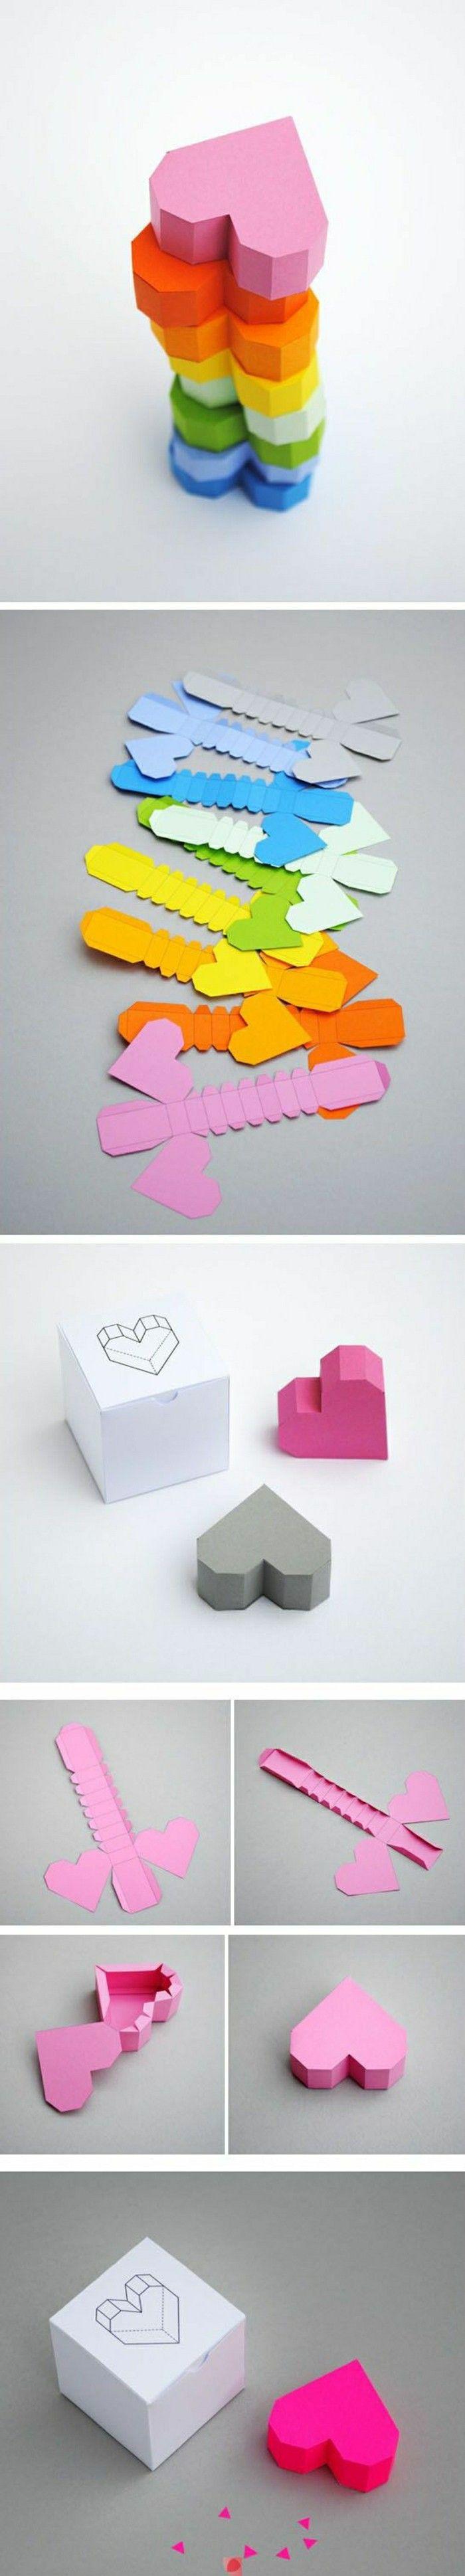 diy d co de table mariage total 30 eur paper crafts. Black Bedroom Furniture Sets. Home Design Ideas